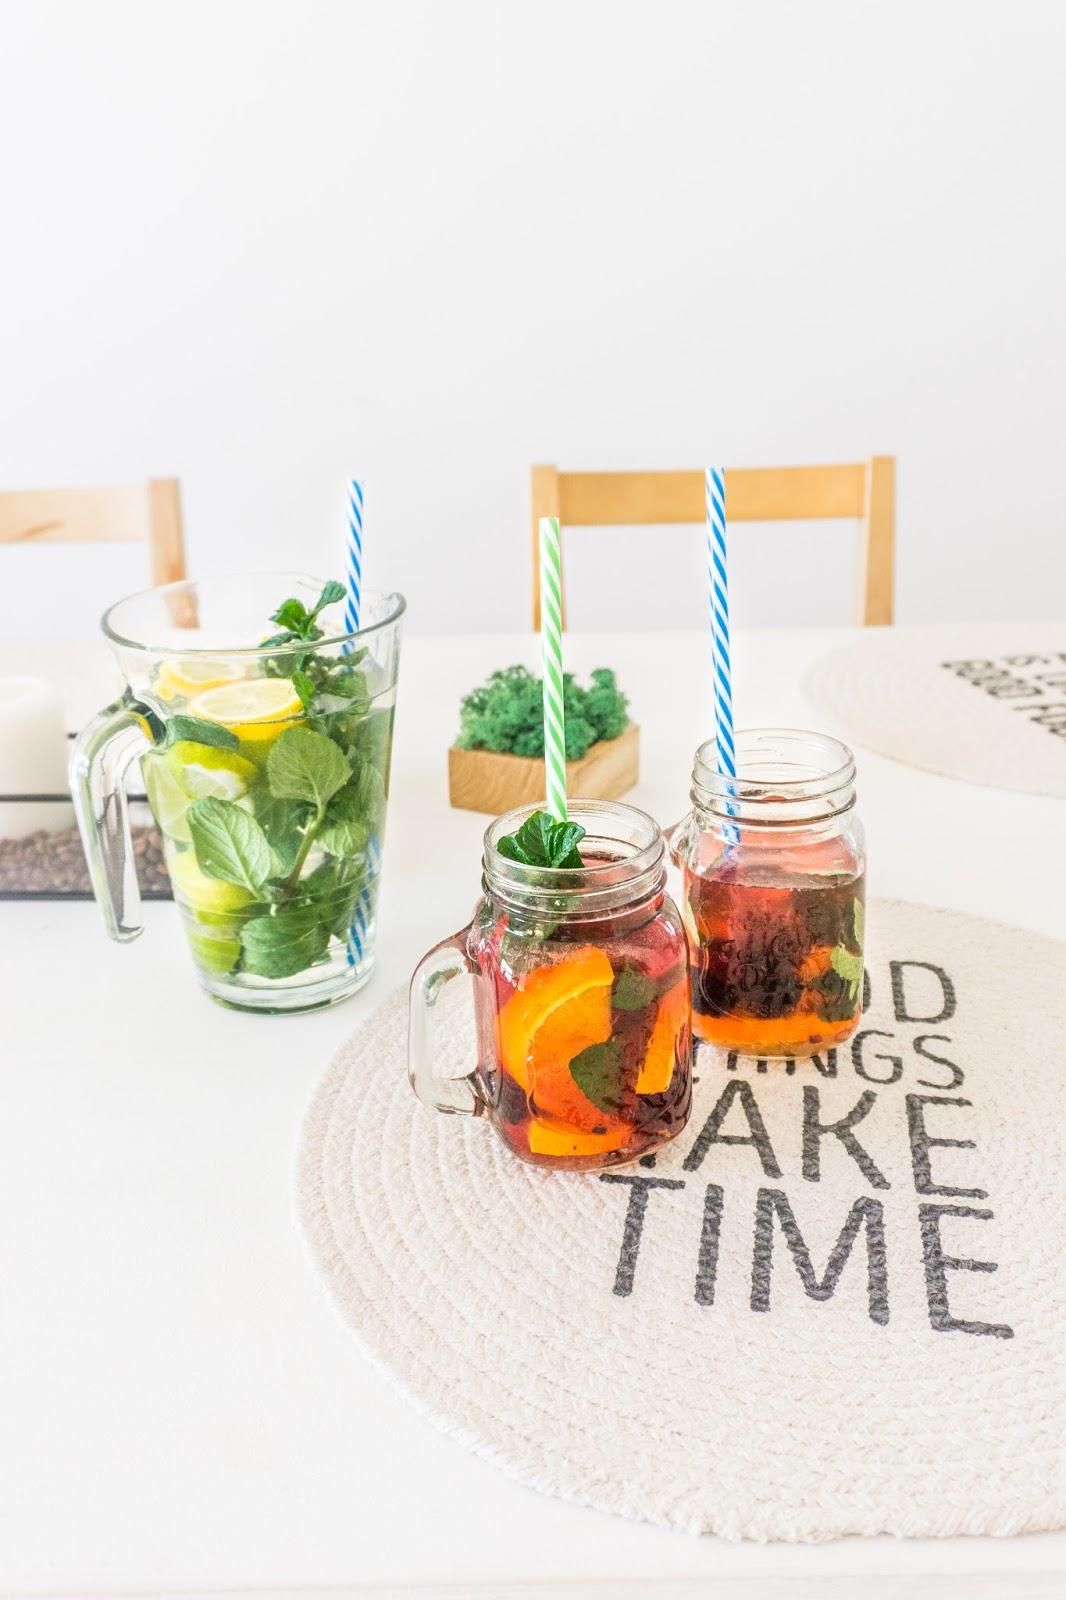 nawodnienie, picie wody, częstsze picie wody, woda smakowa, przepis na wodę smakową, butelka na owoce, infused water, sposoby na częstsze picie wody, blog lifestyle, blog podróżniczy